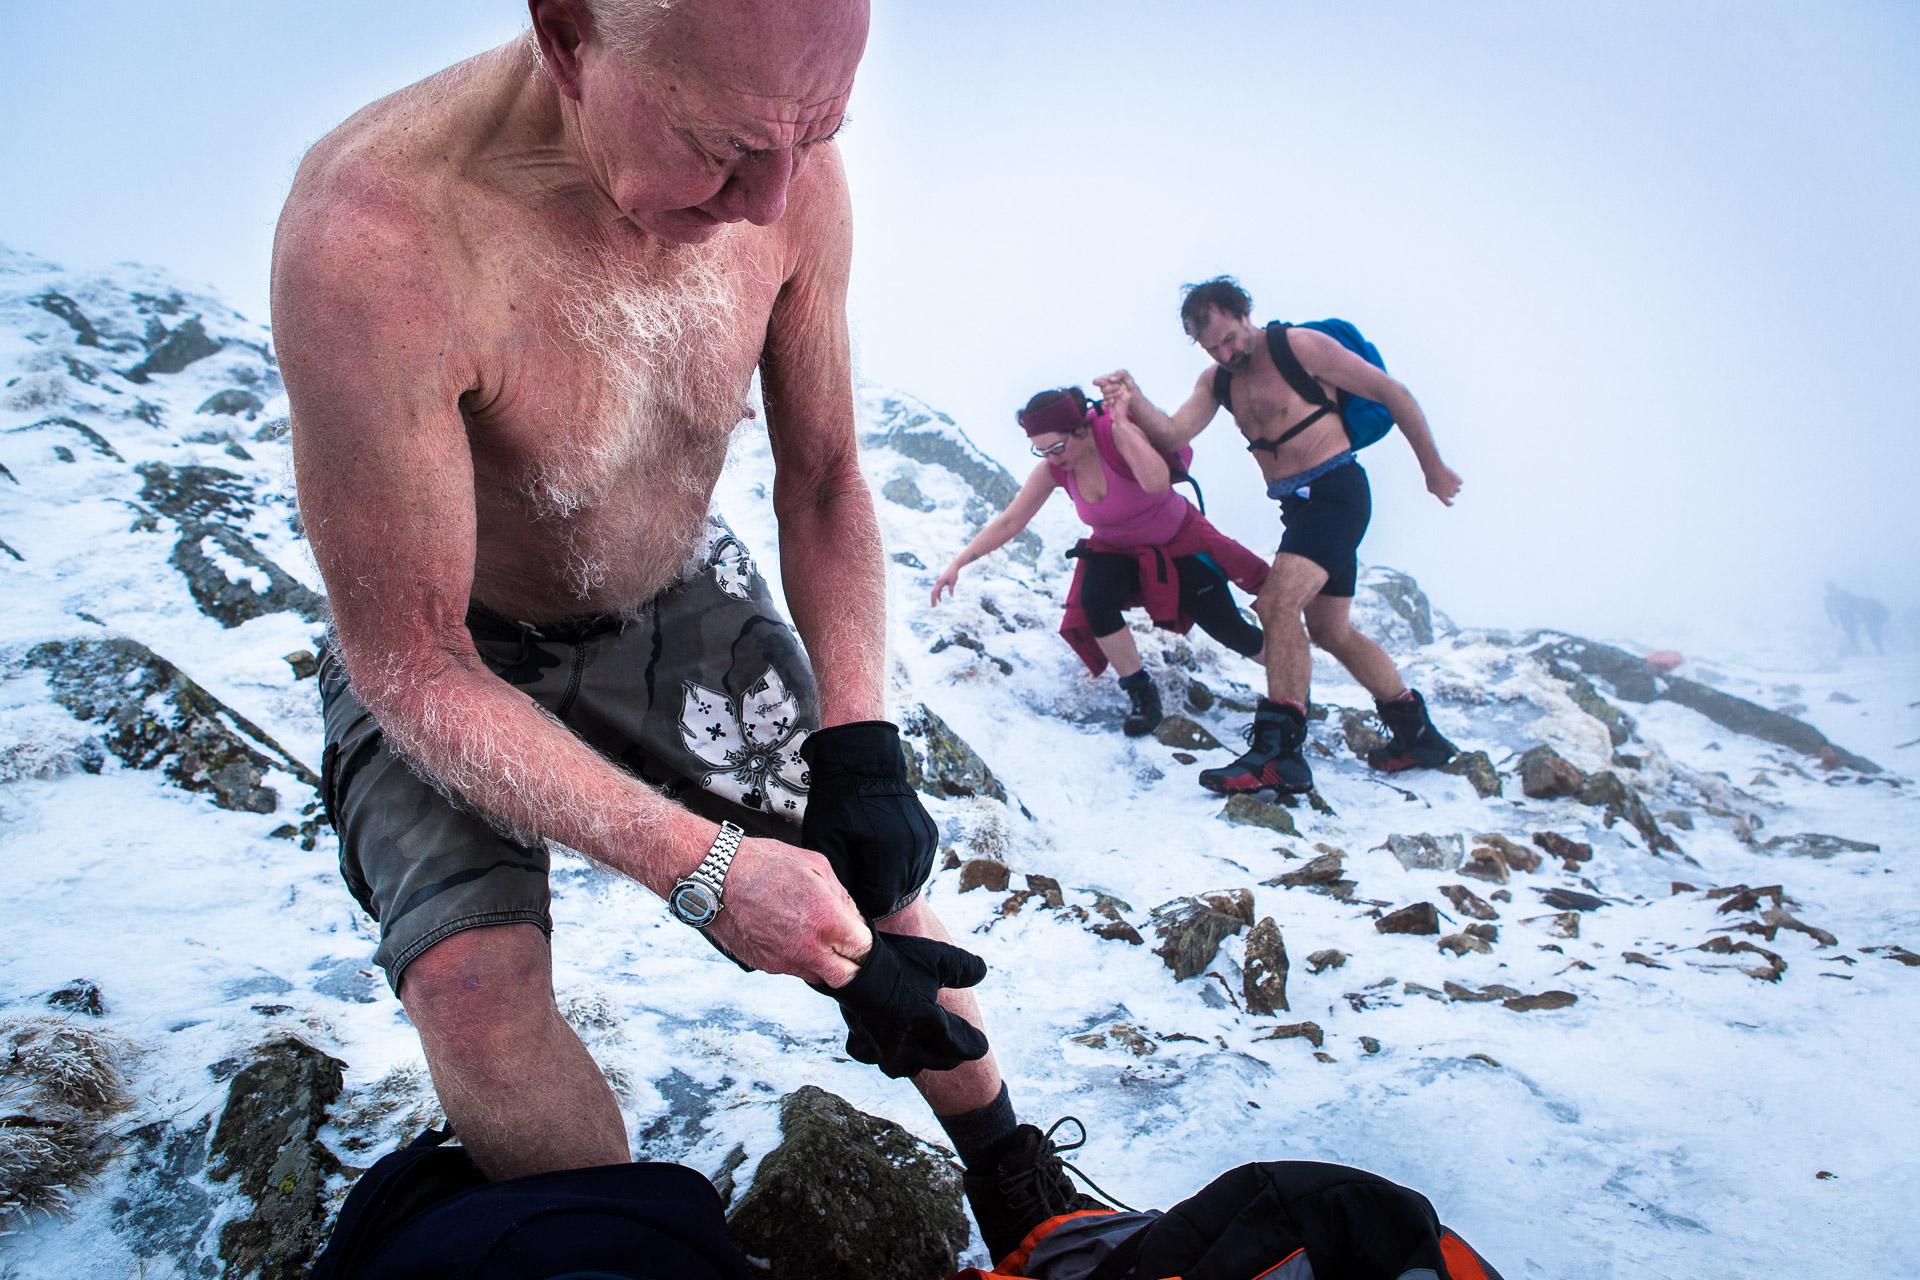 Karpacz, Pologne, 13/02/2014. Wubbo Ockels, 67 ans, ancien astronaute, se bat contre un cancer des reins et cherche un moyen de guérir lors de ce stage de résistance au froid. Il monte ici la montagne Sniejka par des températures proches de -10°C.Karpacz, Poland, 02.13.2014. Ockels, 67, former astronaut, fights against kidney cancer he's seeking to cure at this resistance to cold workshop. He's here climbing the Sniejka montain, with temperatures close to -10°C.